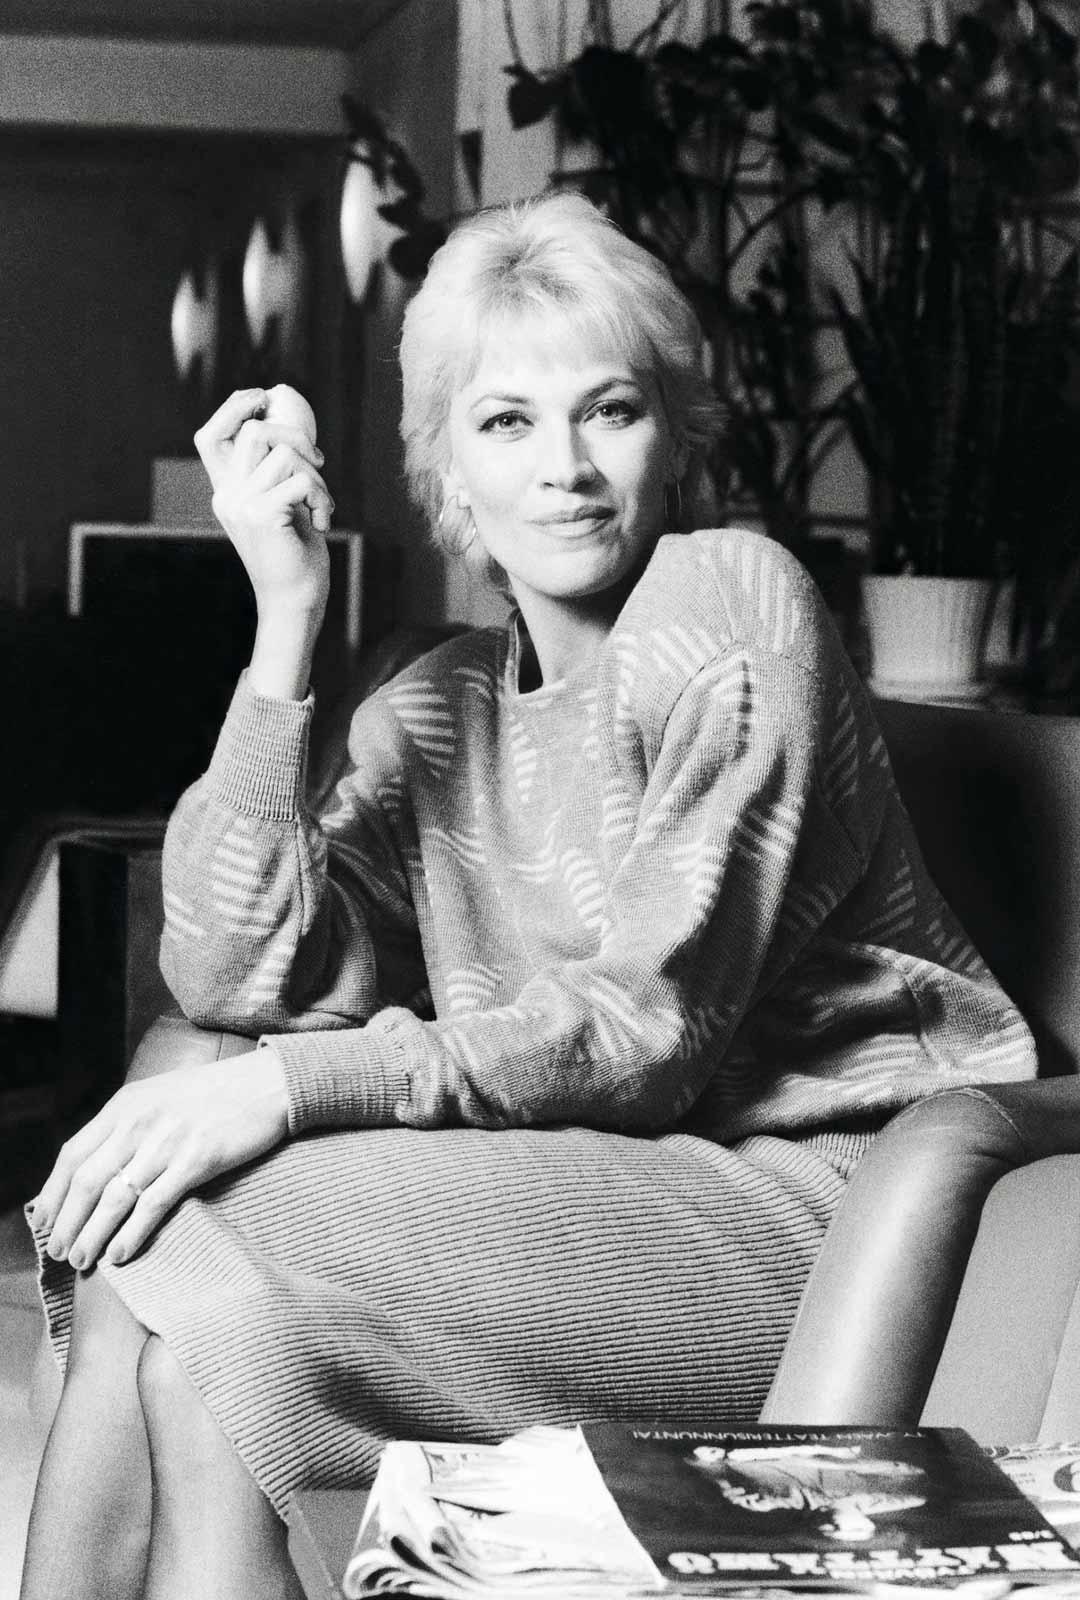 """Hannele Lauri arvostaa muiden muassa Vesa-Matti Loirin ja Al Pacinon näyttelijän työtä. """"Opin seuraamalla enkä seuraa kuin hyviä"""", hän sanoo. Kuva vuodelta 1986, jolloin hänet tunnettiin jo sekä teatteri- että elokuva- ja tv-töistä."""